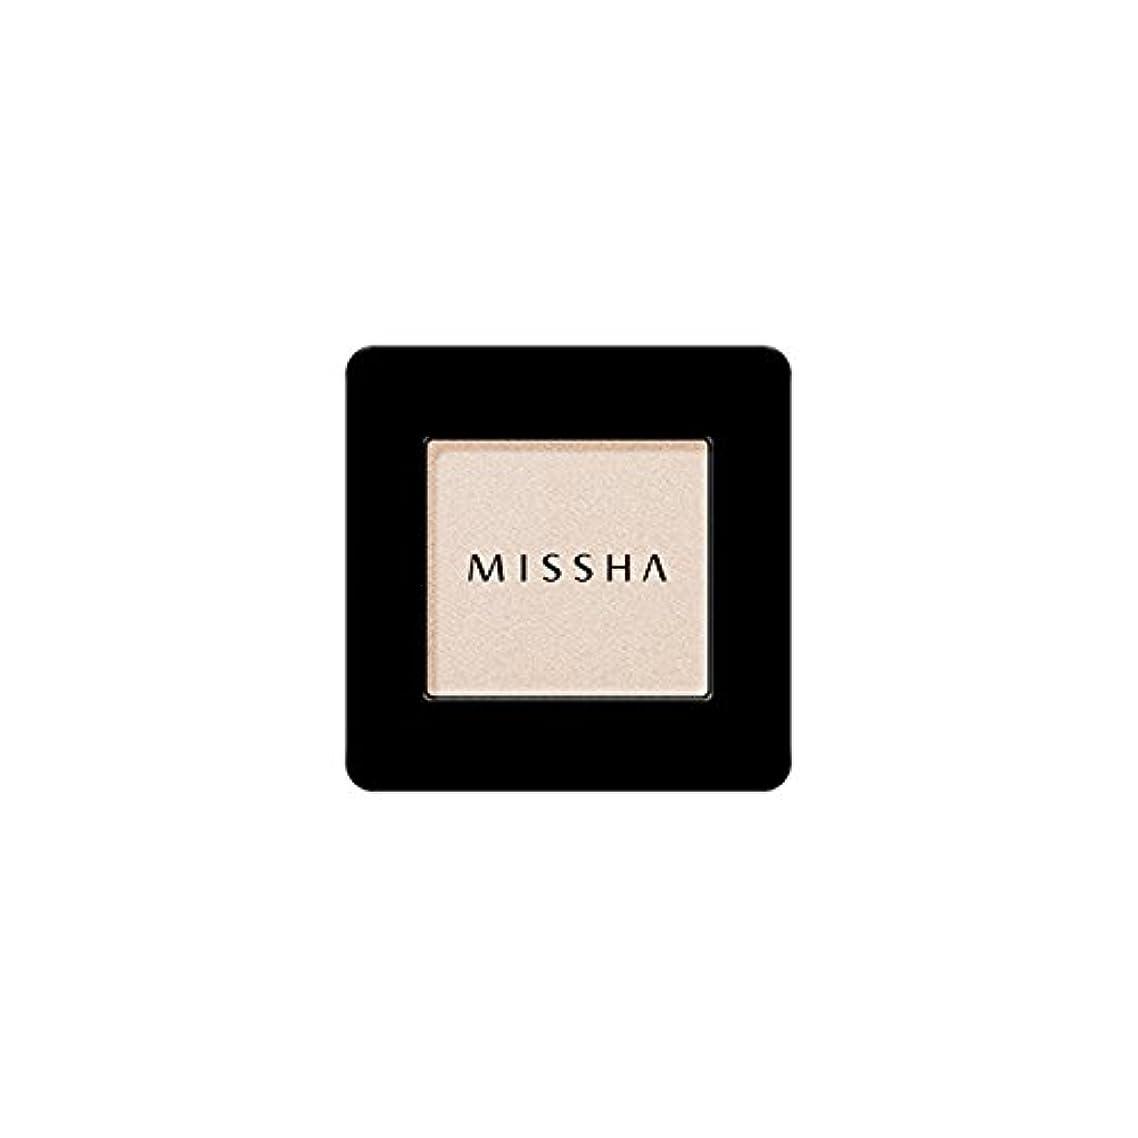 グラス入手します看板MISSHA Modern Shadow [SHIMMER] 1.8g (#SBE01 Santa Barbara)/ミシャ モダン シャドウ [シマー] 1.8g (#SBE01 Santa Barbara)